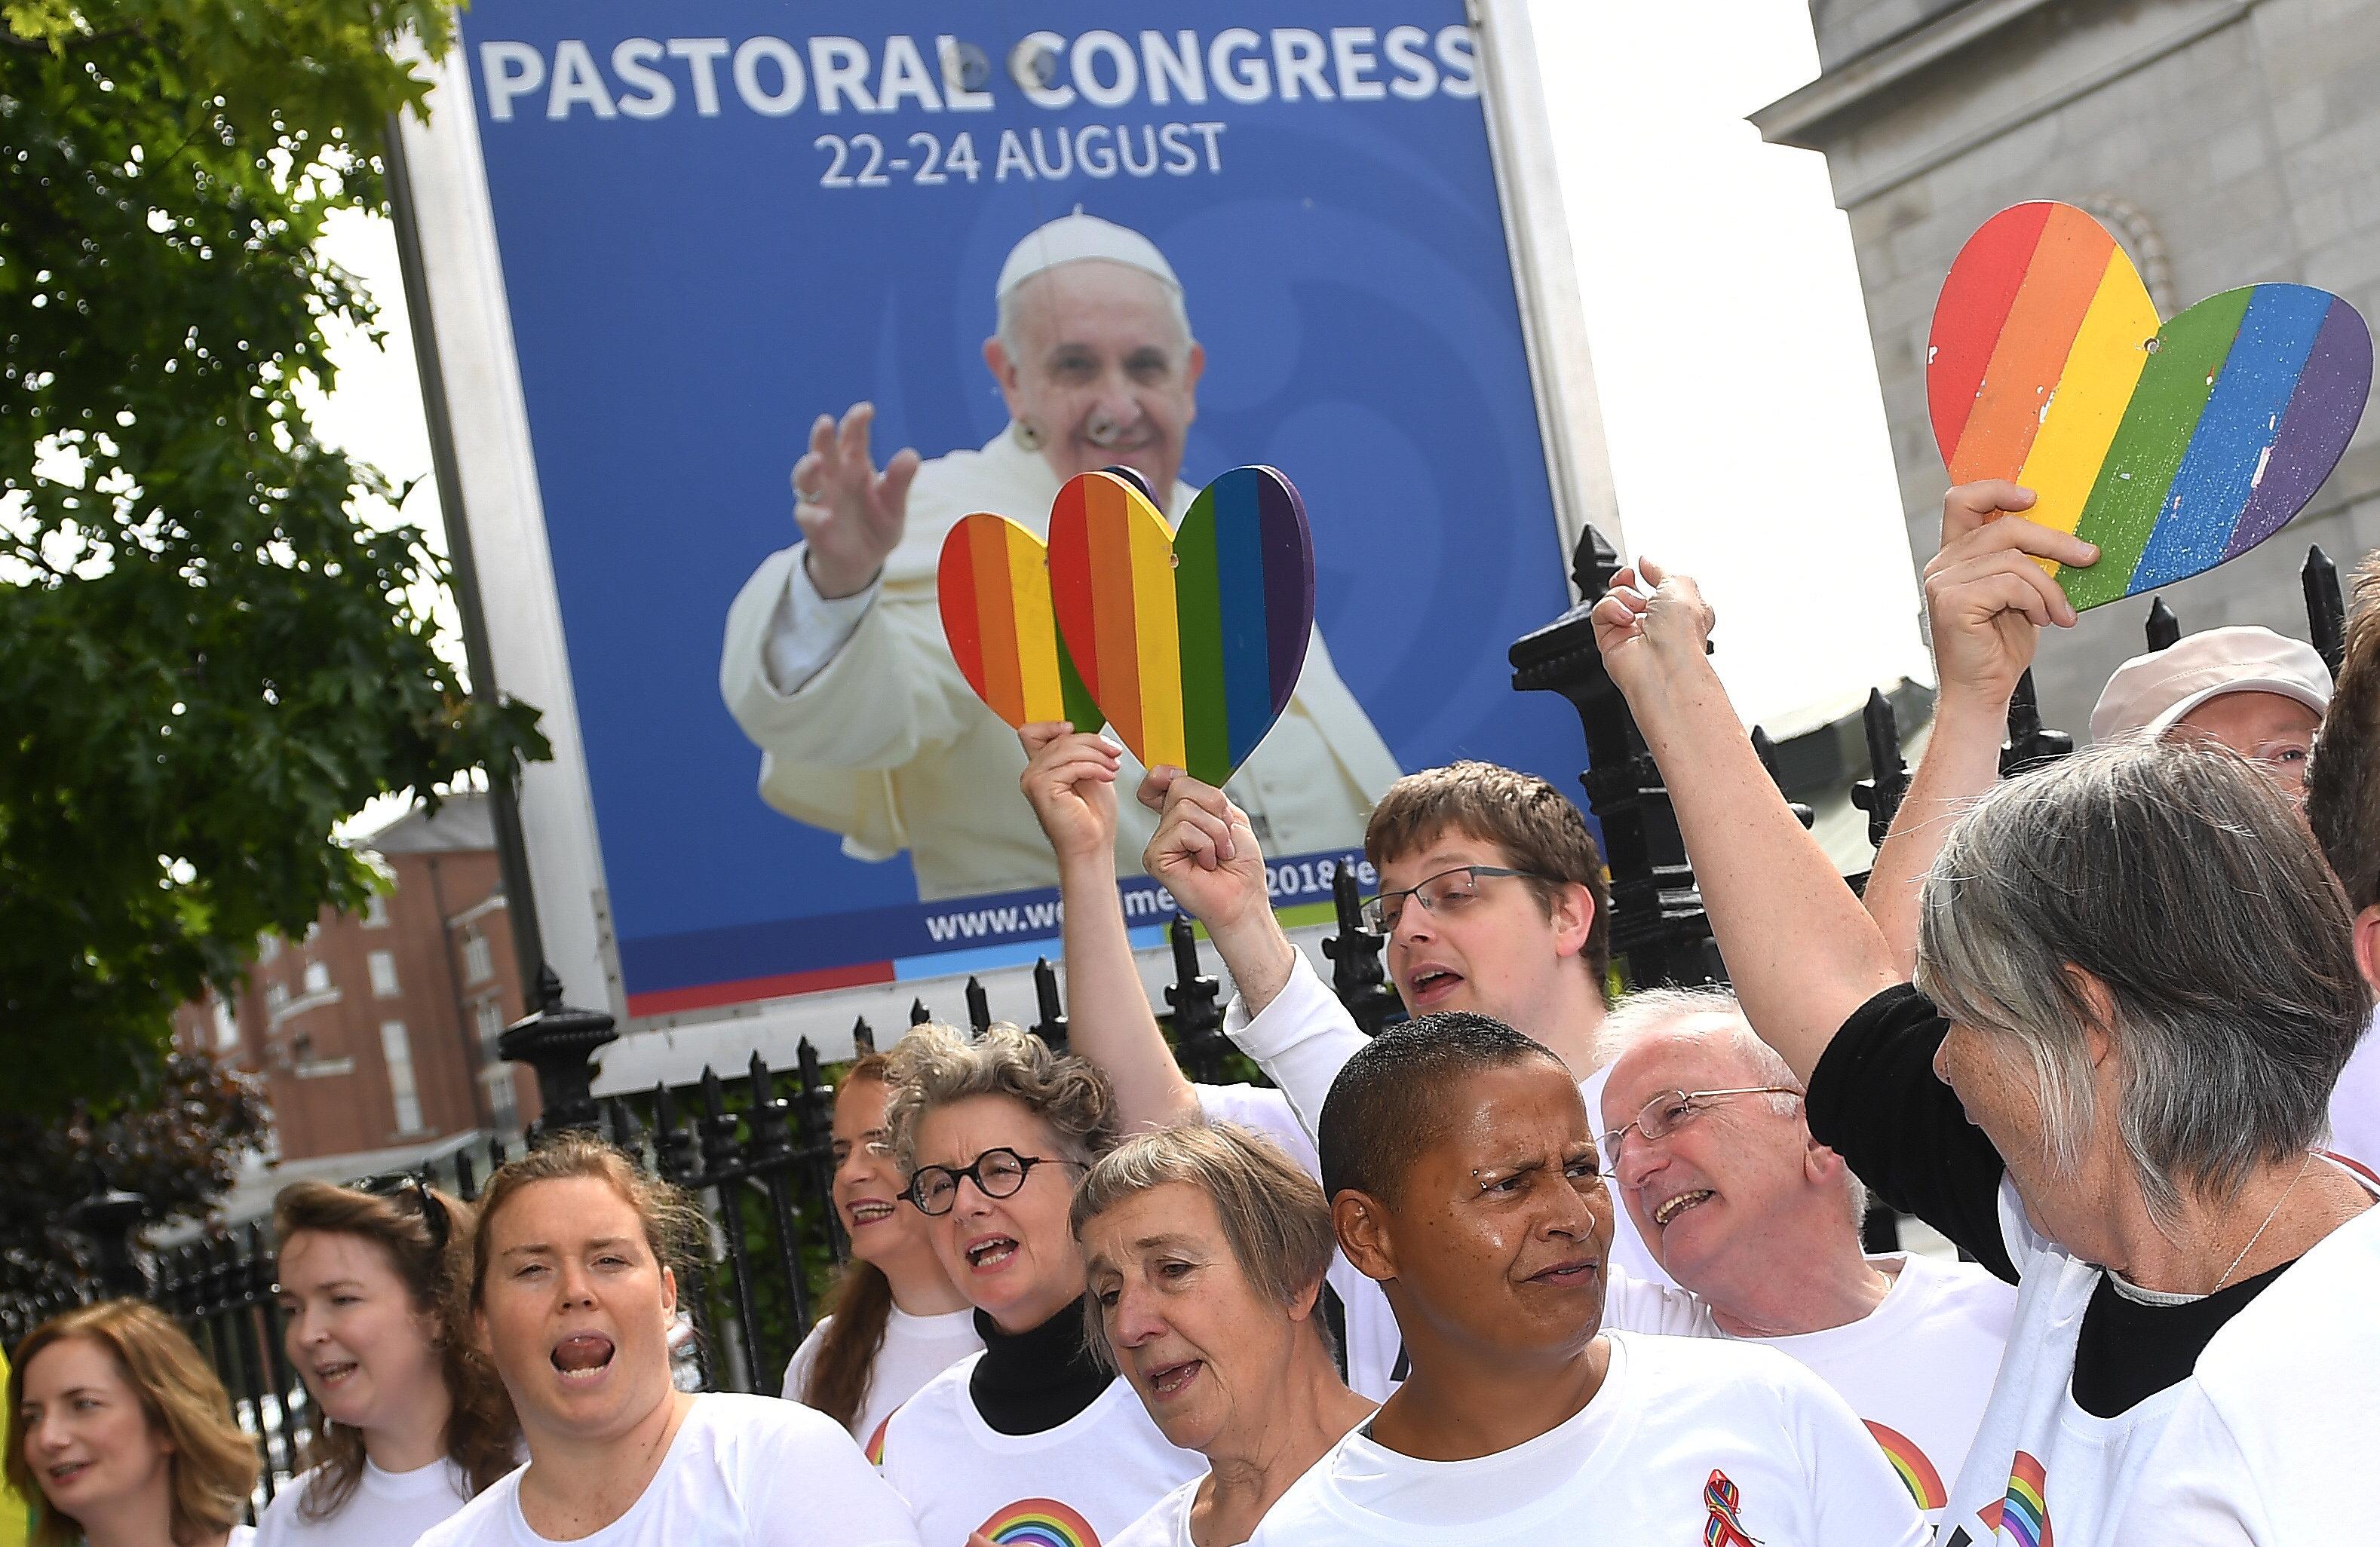 Padre James Martin: Cómo las parroquias pueden dar la bienvenida a los  católicos L.G.B.T. | America Magazine